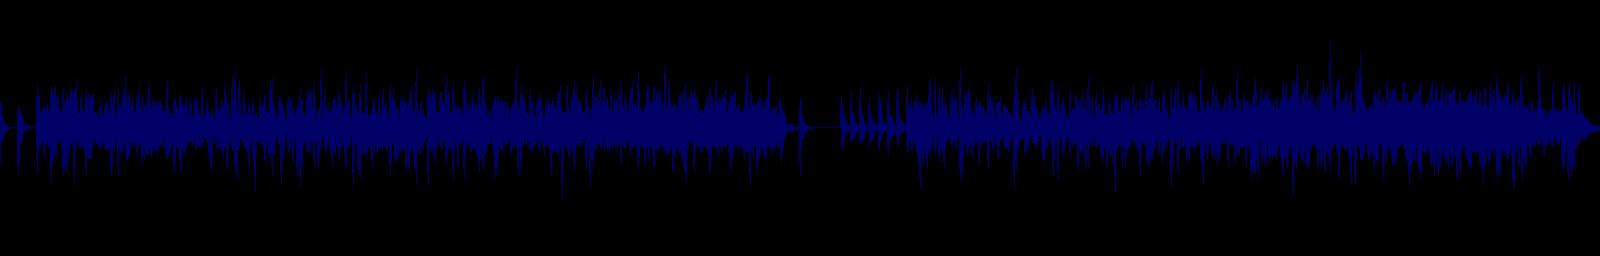 waveform of track #139957